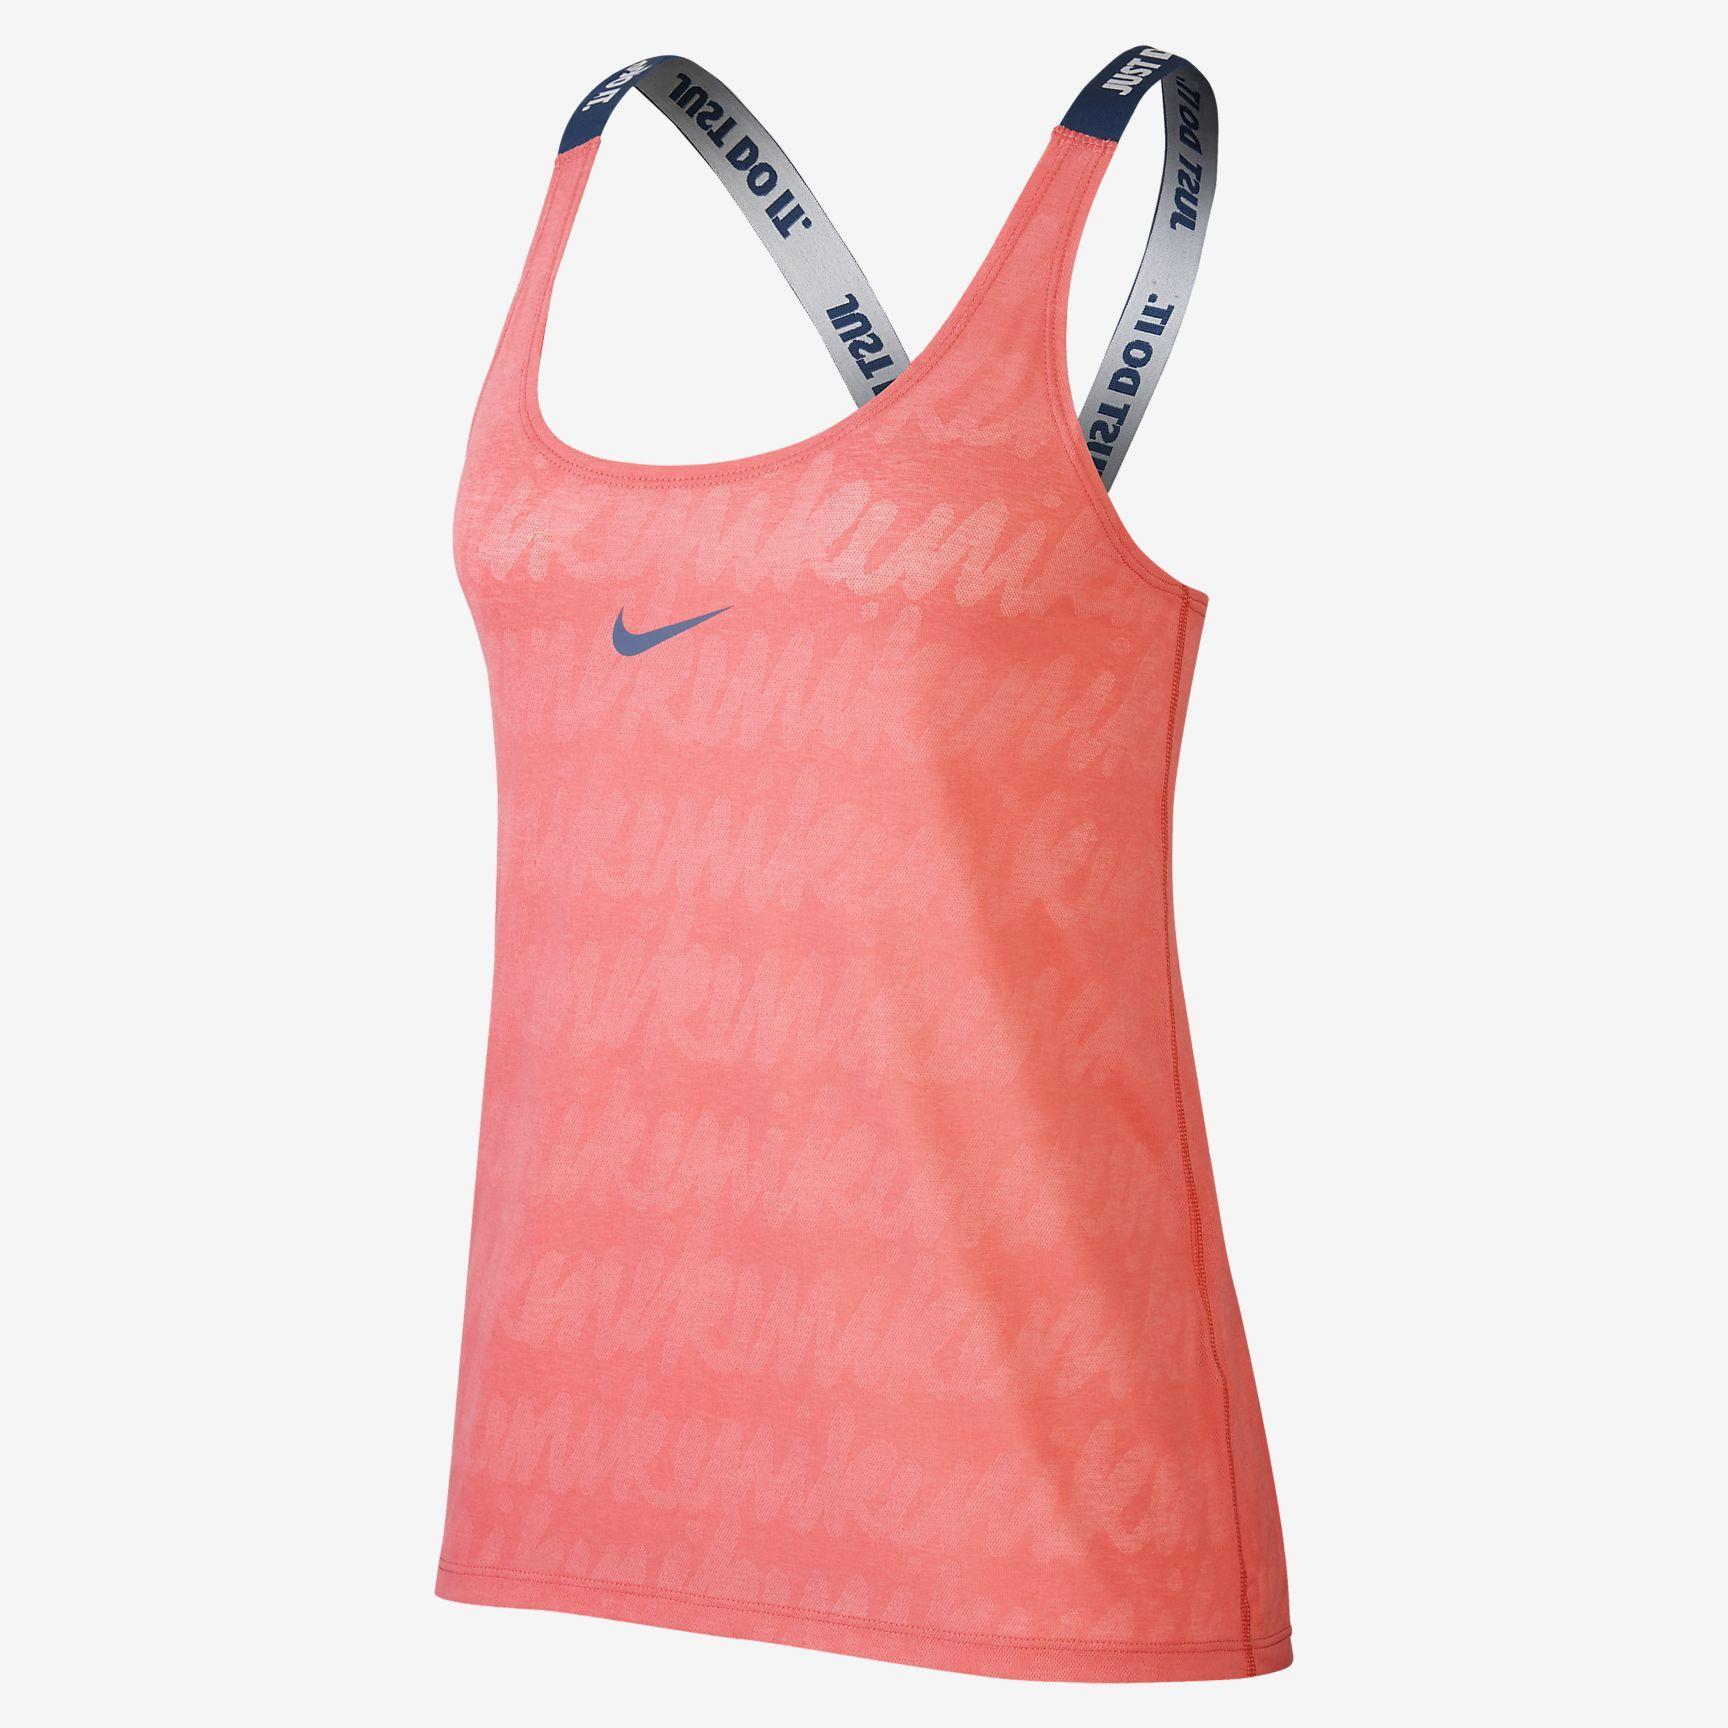 8e141d2a64e51 Nike Dri-FIT Elastika Women s Training Tank Top